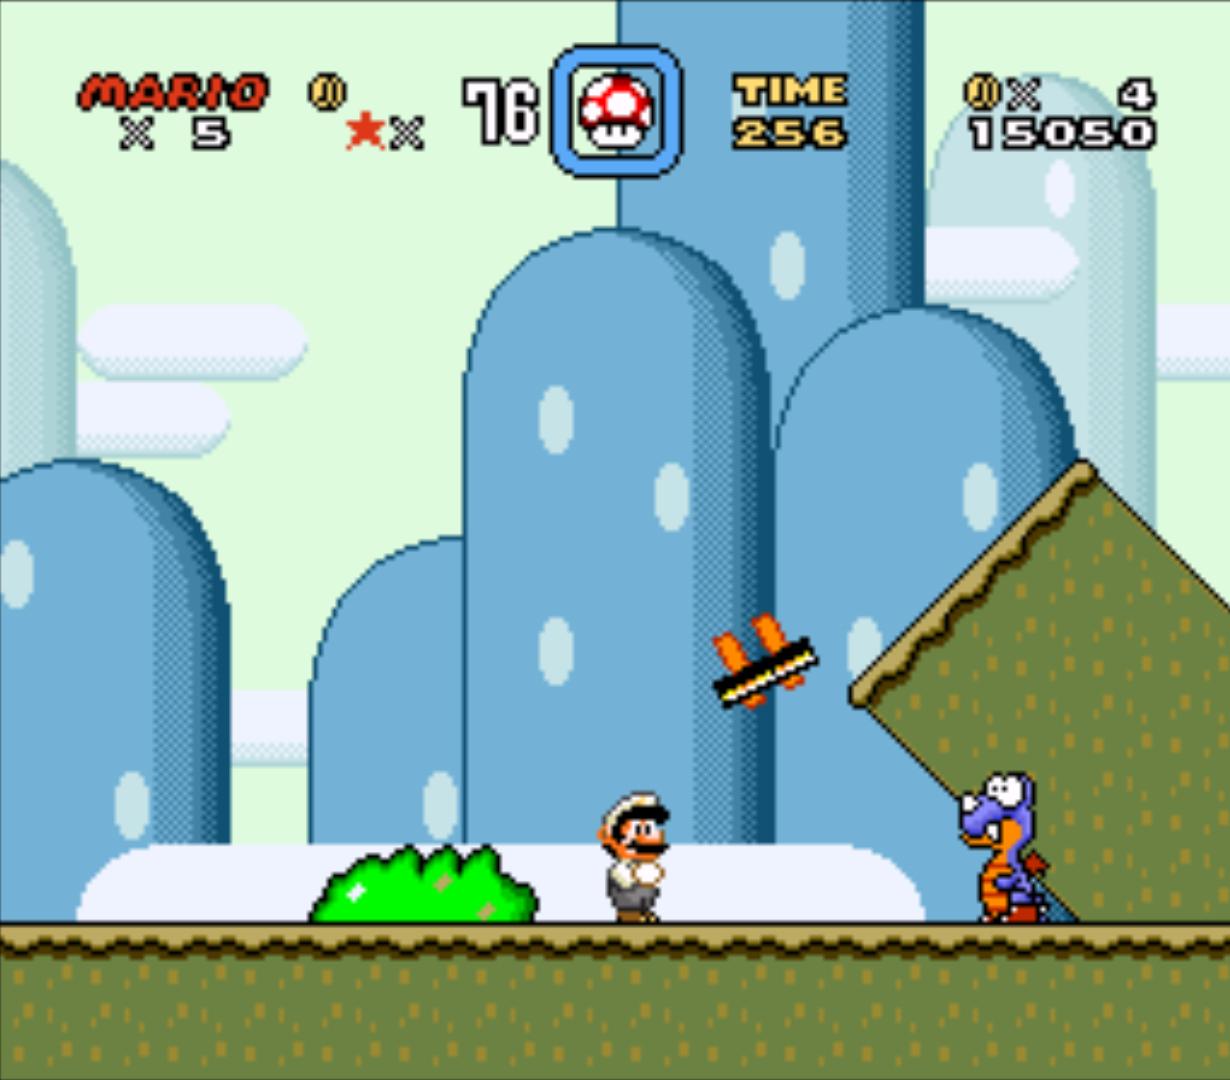 Super Mario im Hammerbros. Suit